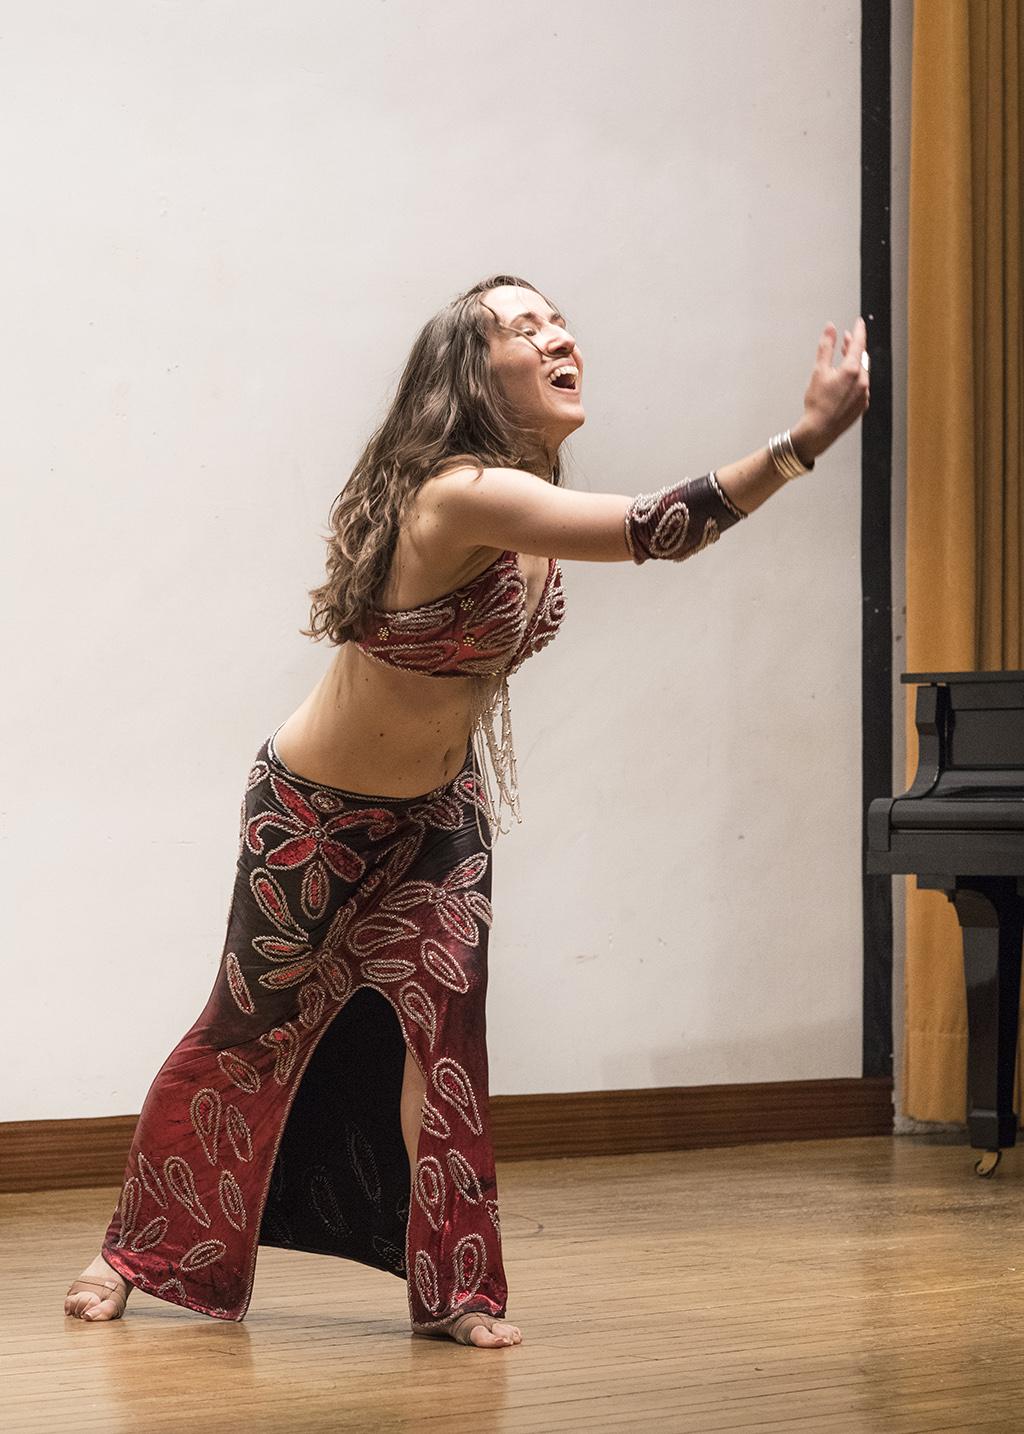 Bailar con naturalidad: Cómo conseguirlo